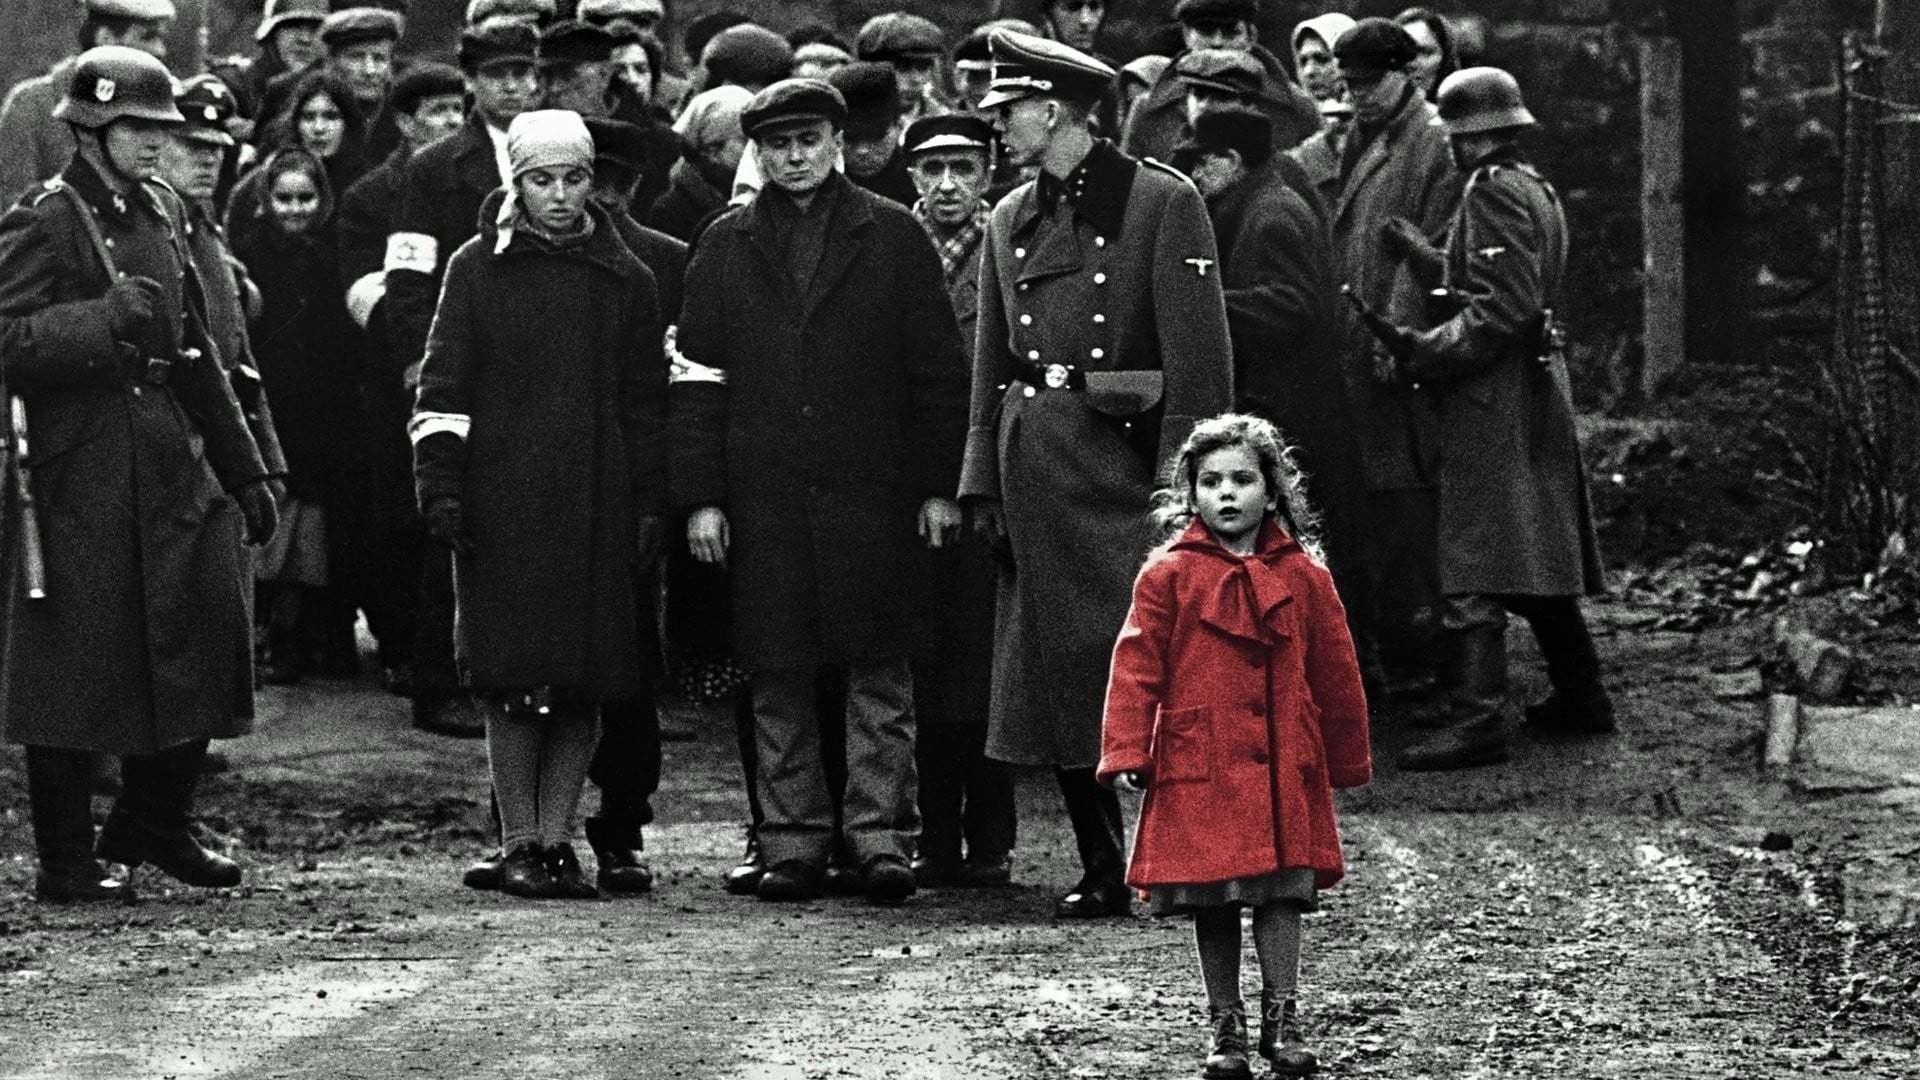 Кадры из фильма Список Шиндлера Schindler's List 1993